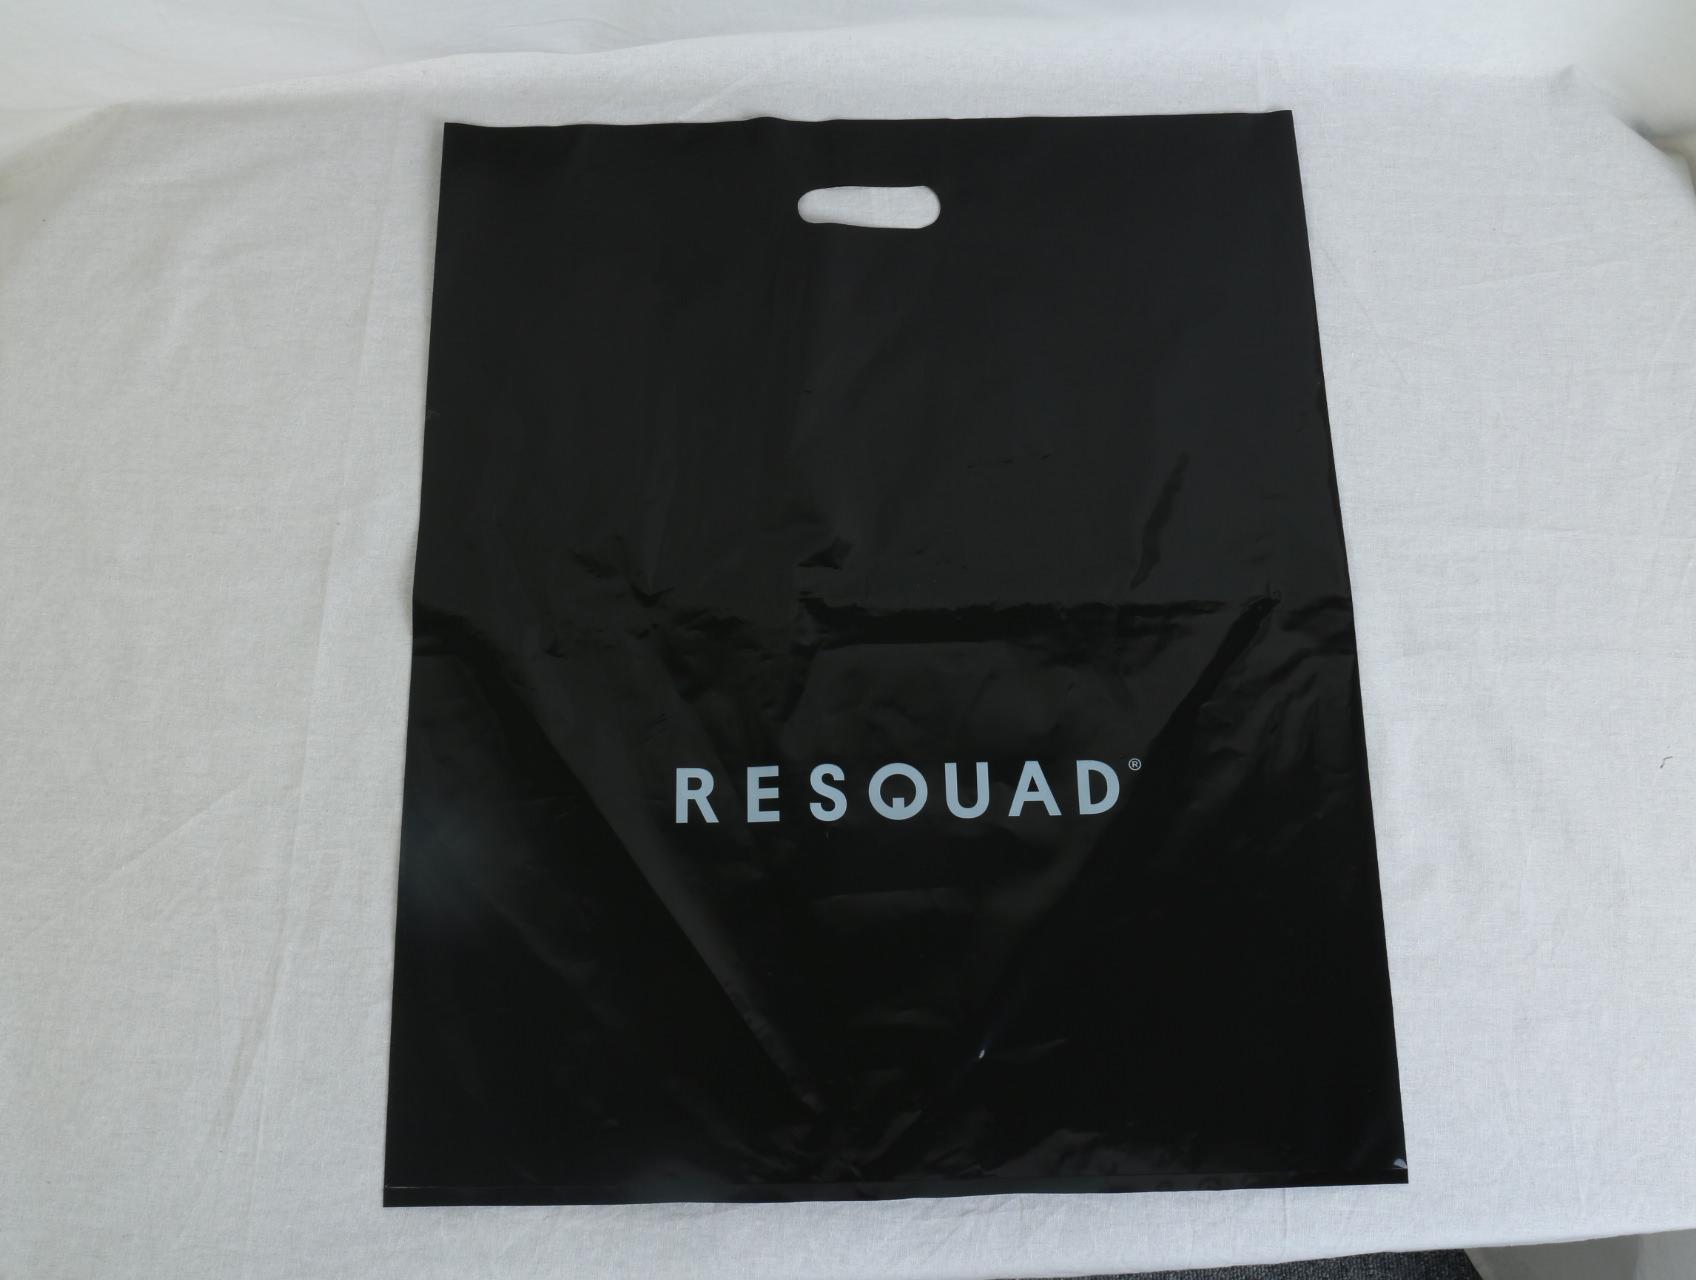 衣服をお入れするショッパーとして使用されるオリジナルポリ袋